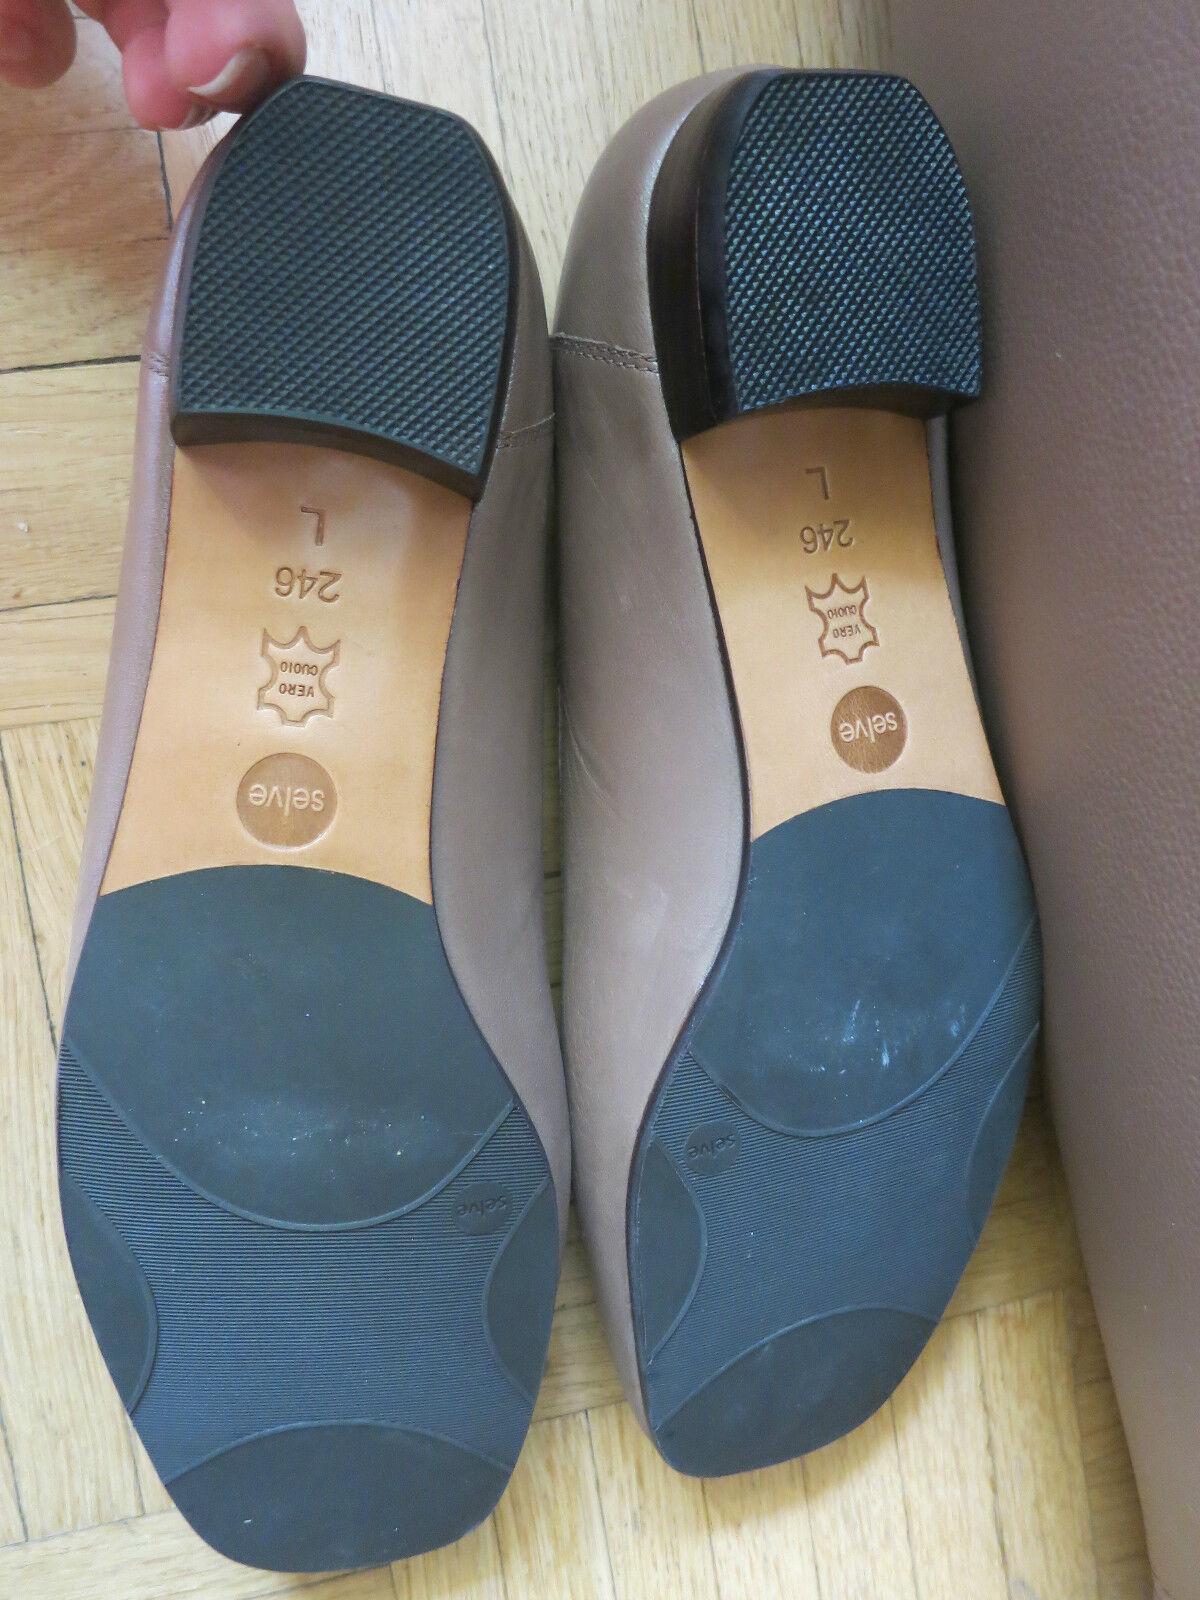 SELVE HANDMADE Gr. Gr. Gr. 39 Schuhe Ballerinas VOLLLEDER handschuhweich NP  NEU ceb60d